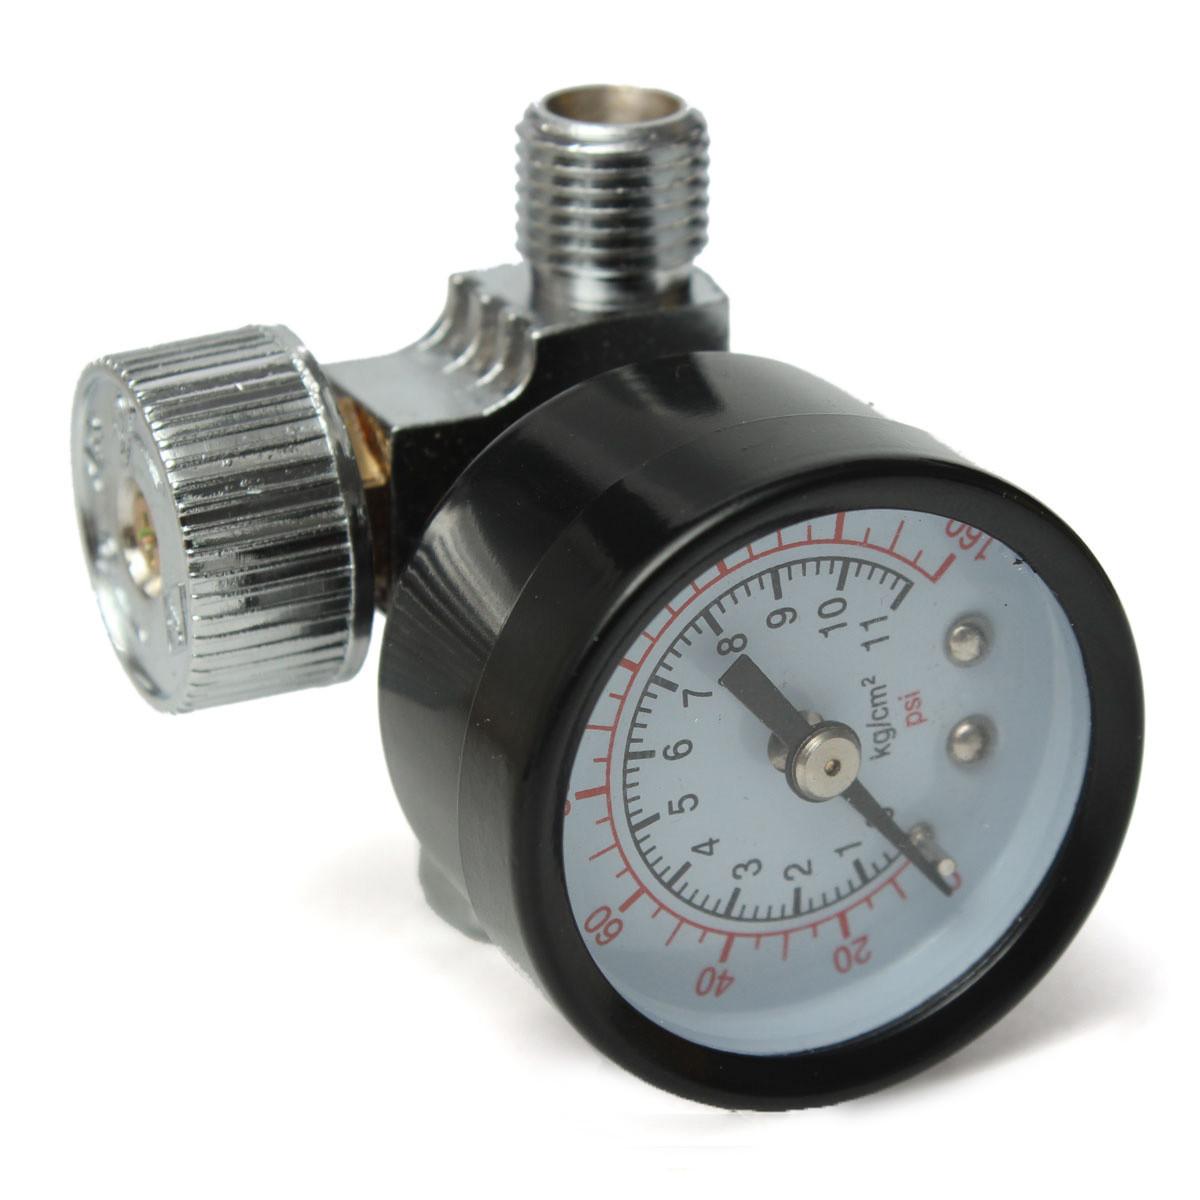 1 4 adjustable mini air pressure regulator dial gauge hvlp spray lazada ph. Black Bedroom Furniture Sets. Home Design Ideas